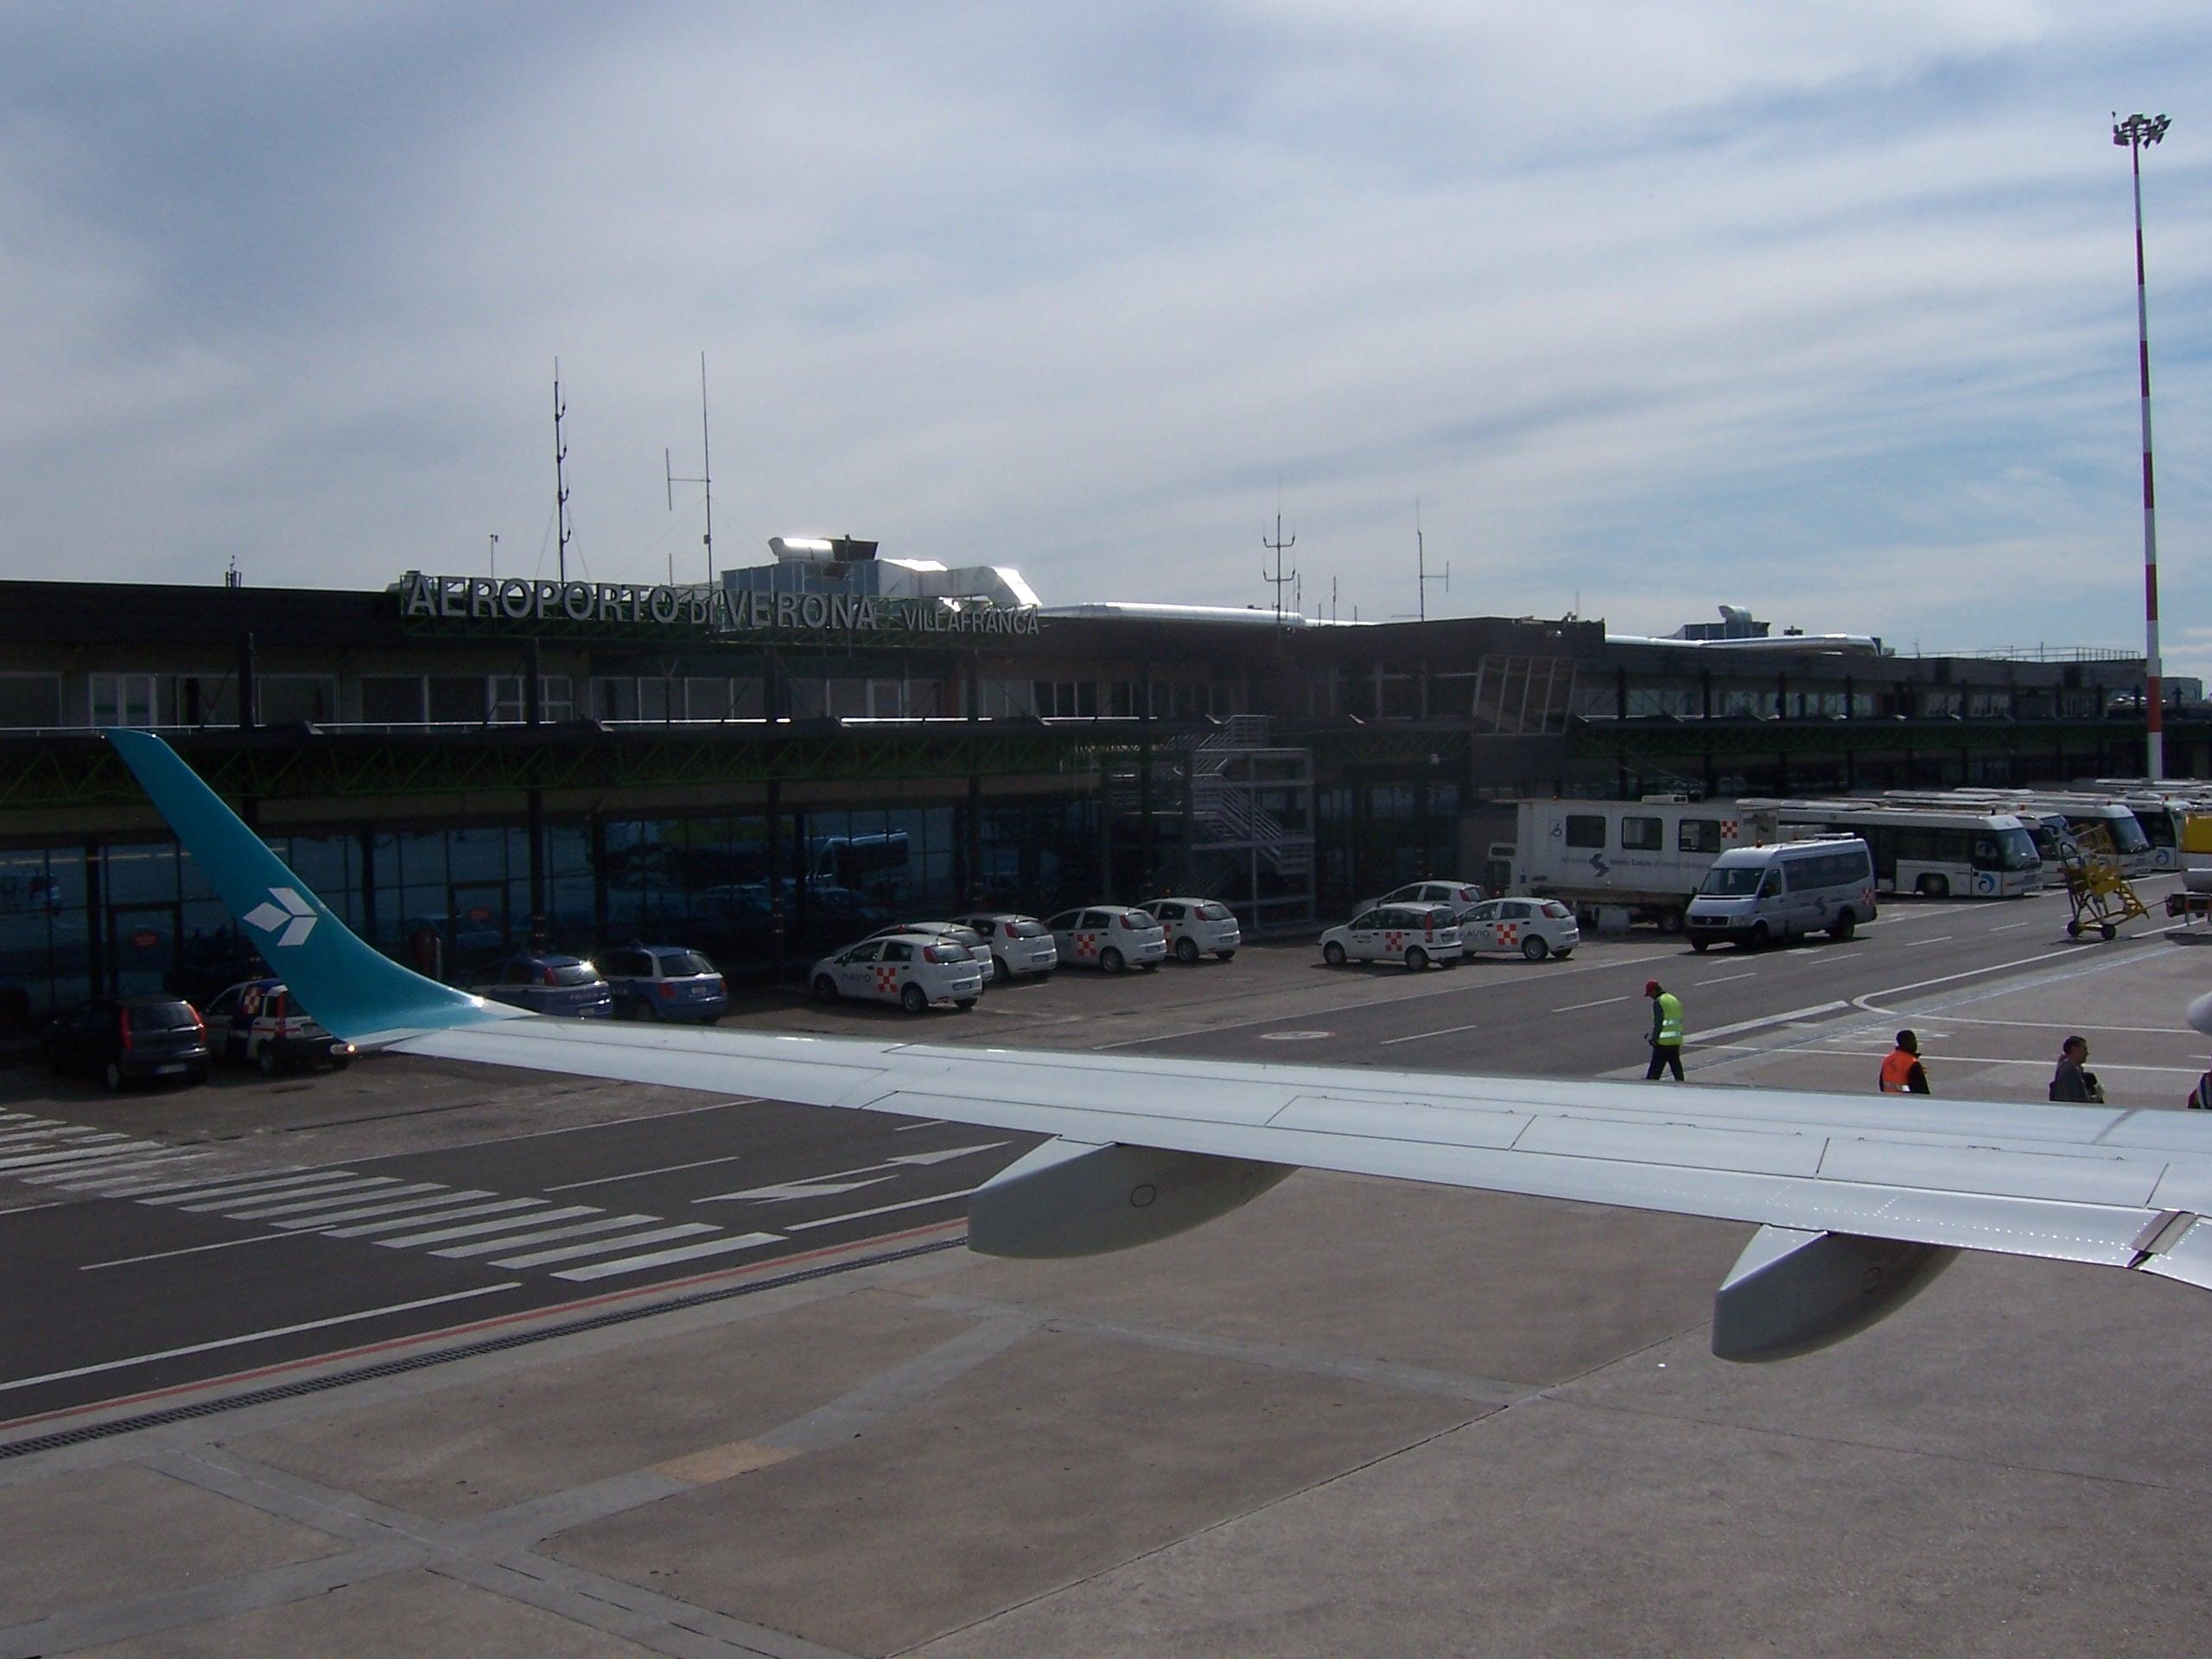 Aeroporto Treviso Parcheggio : Parcheggio aeroporto verona parkos